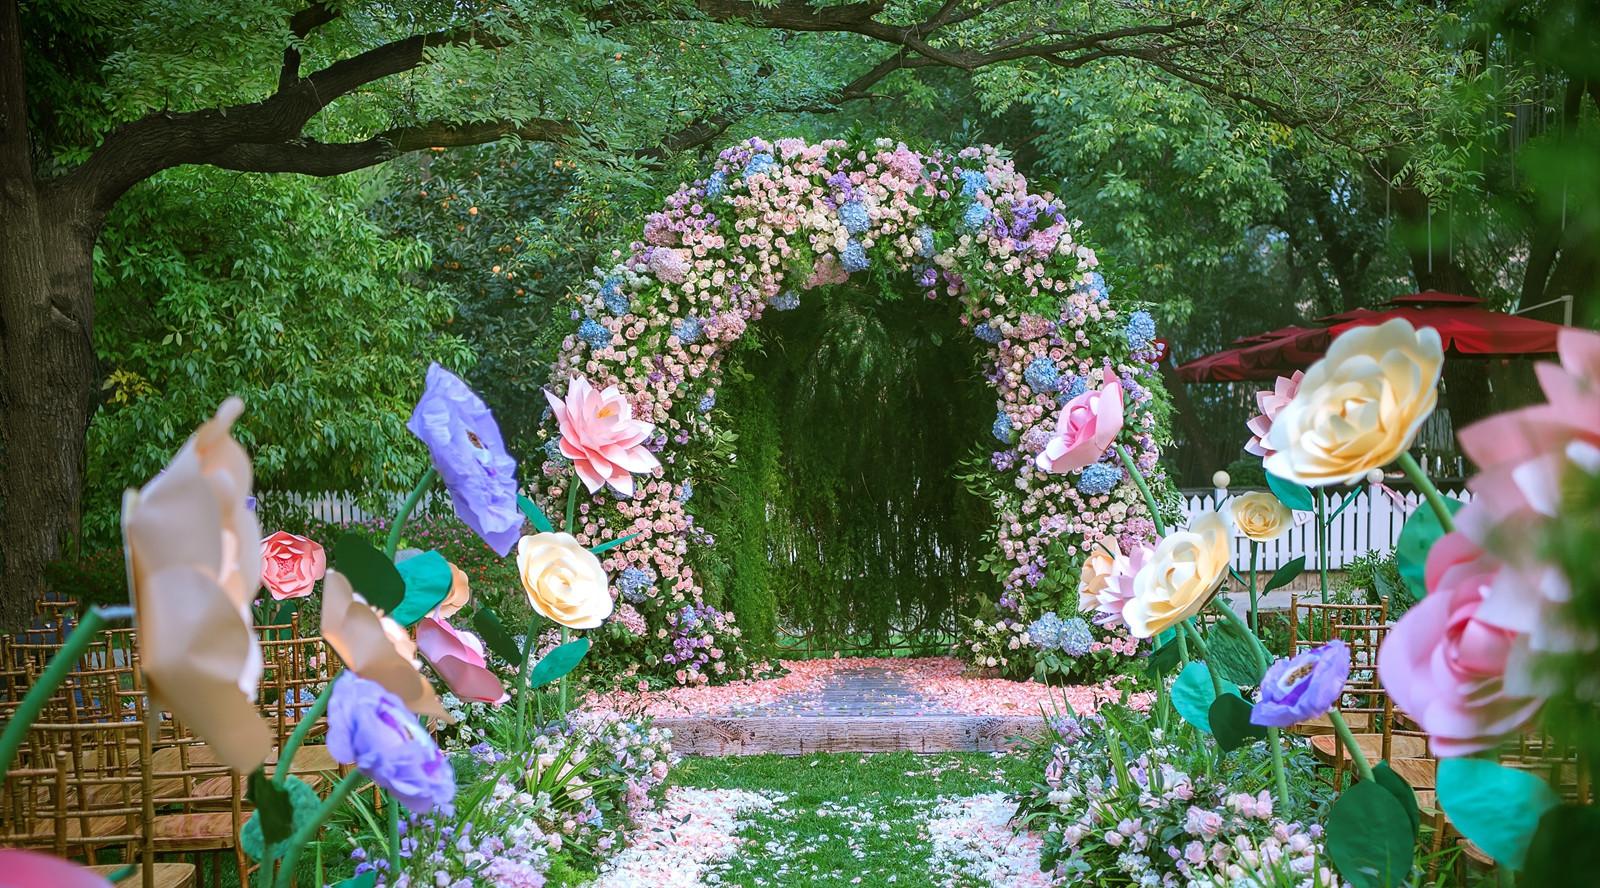 爱丽丝梦游仙境茶会_《爱丽丝梦游仙境》:在童话中行走